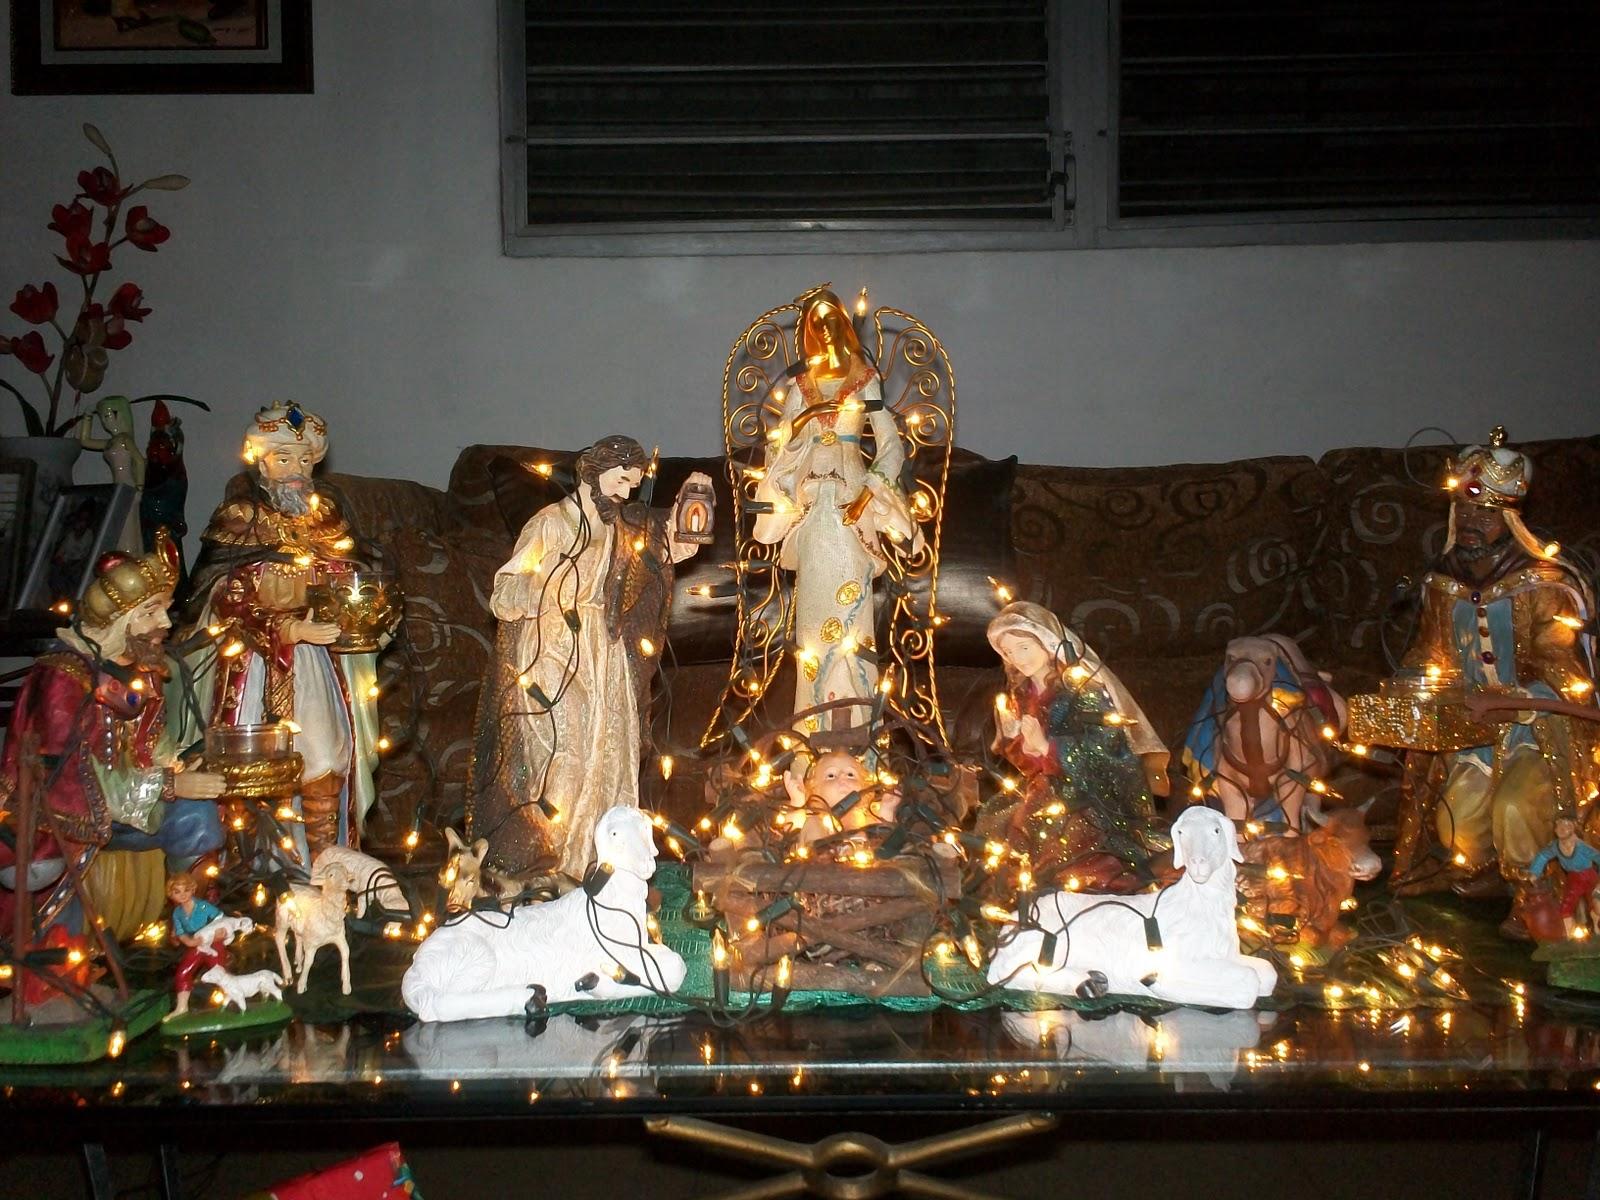 Villas de navidad el pesebre verdadero sentido de la navidad - Nacimiento para navidad ...